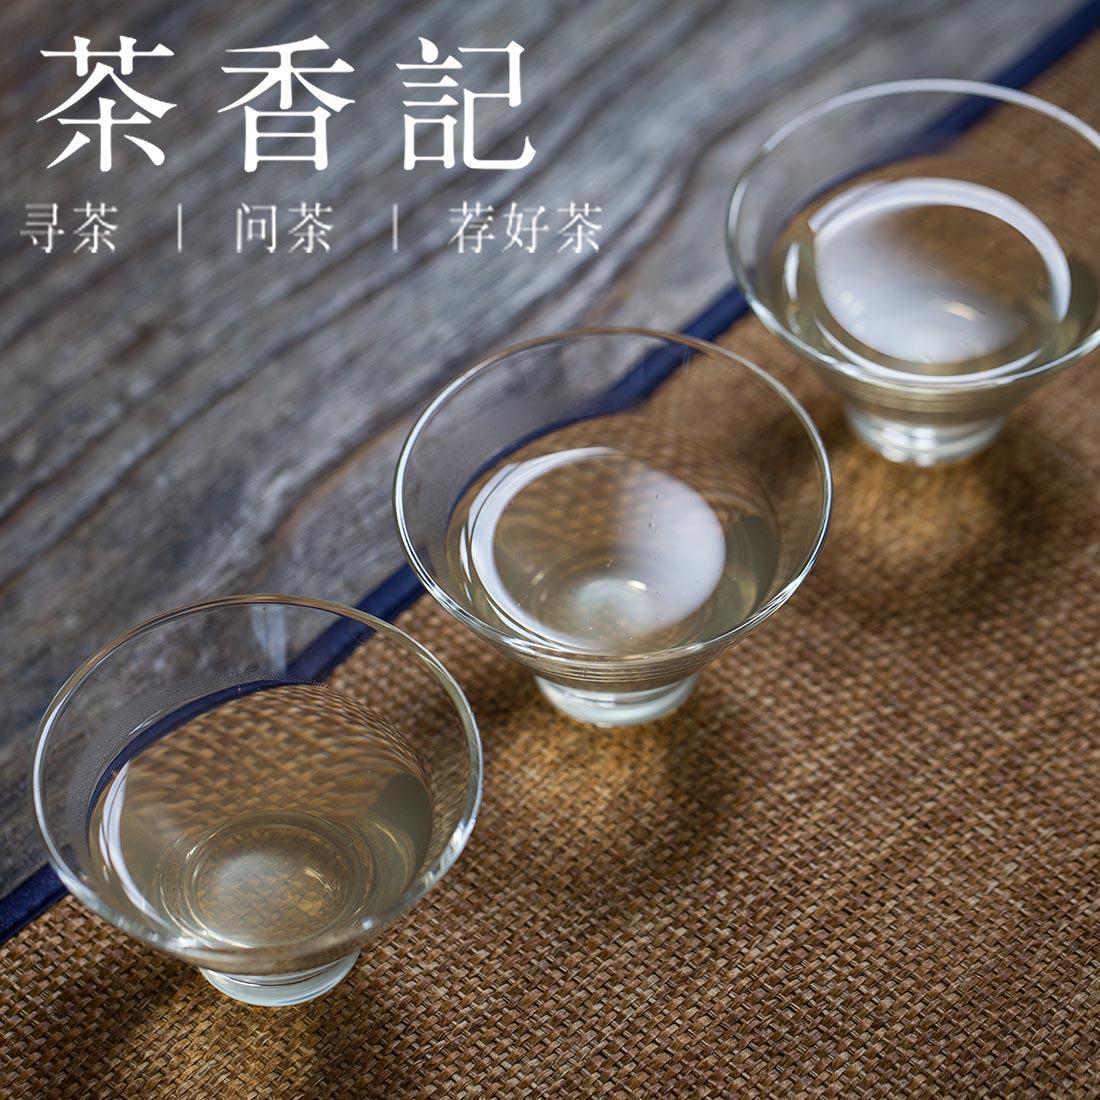 甜玉 柔香甜醇 黄茶标杆人物沈云鹤出品 年 2019 莫干黄大茶 茶香记